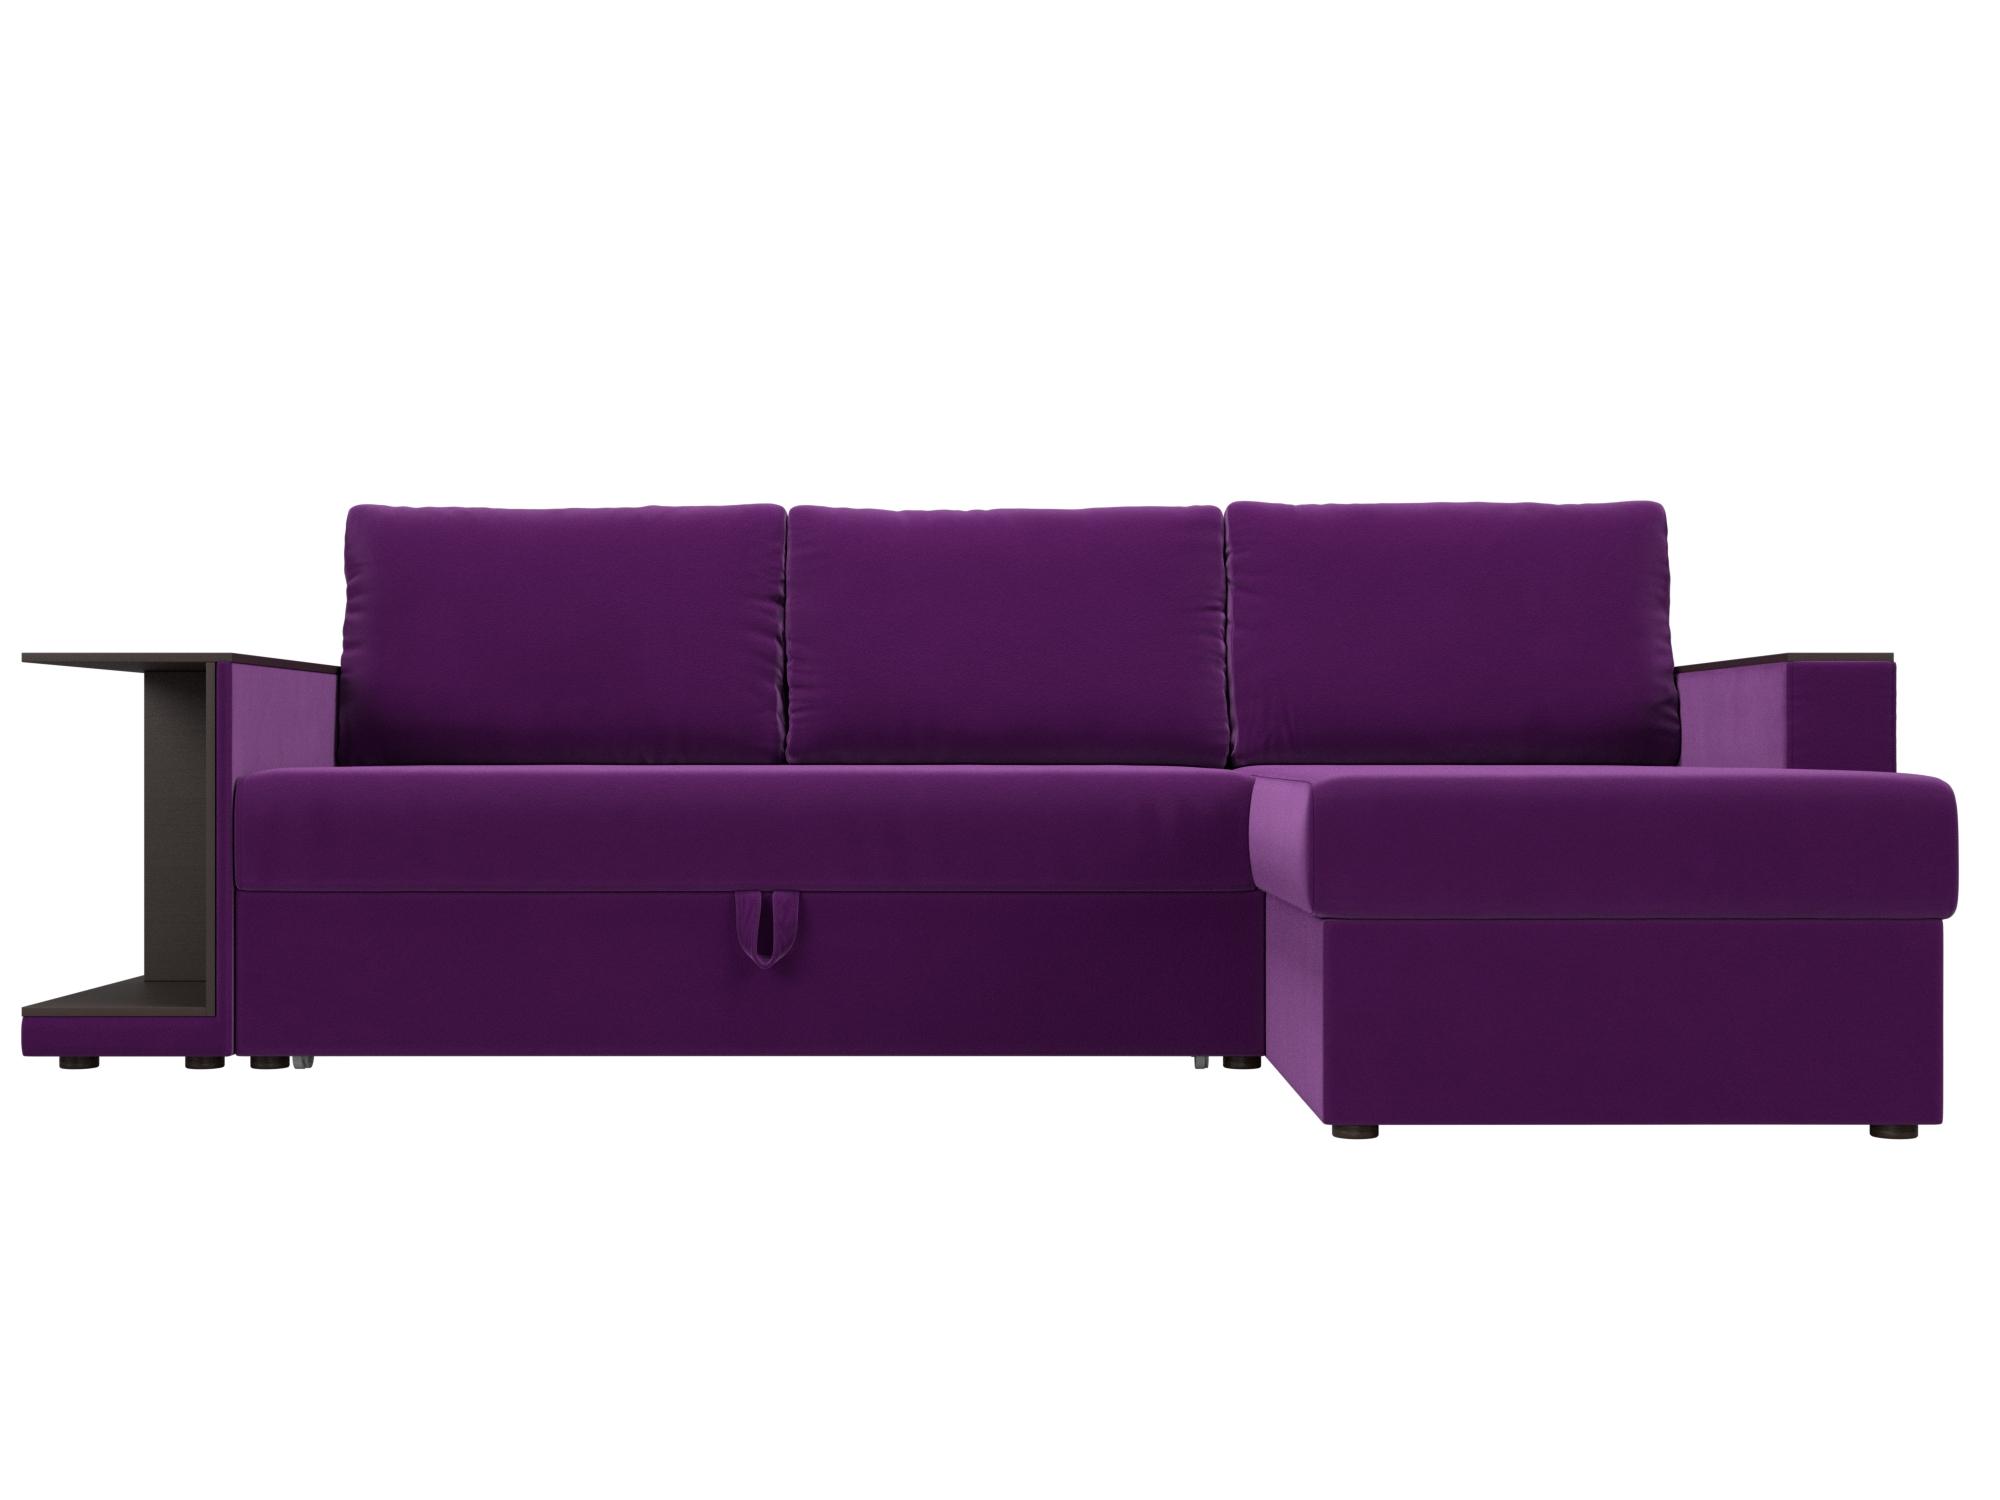 Угловой диван Атланта С Правый MebelVia Фиолетовый, Микровельвет, ЛДС Фиолетовый